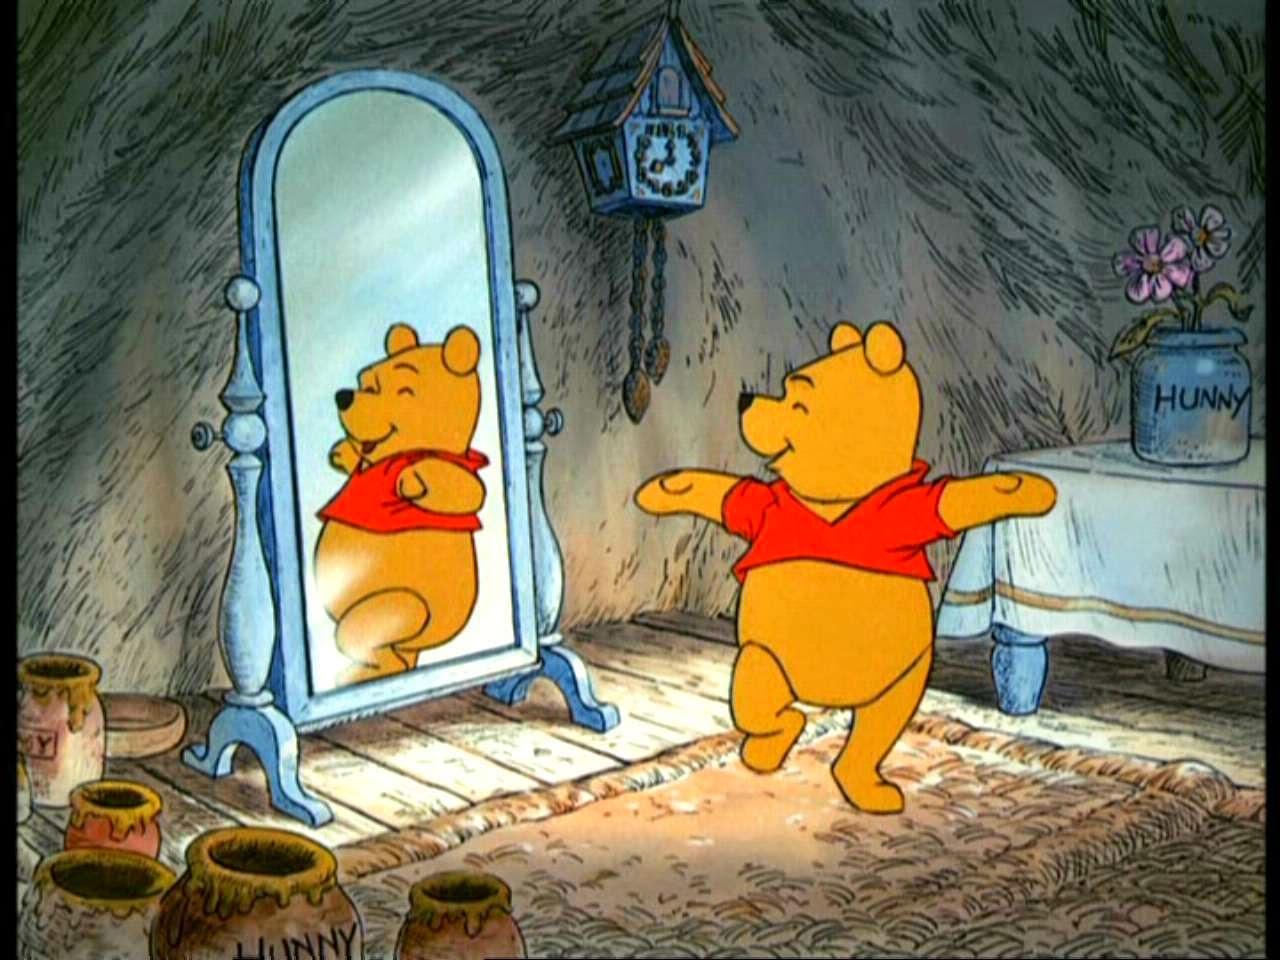 El espejo g tico winnie the pooh y la fobia a los espejos for Espejo unidireccional psicologia